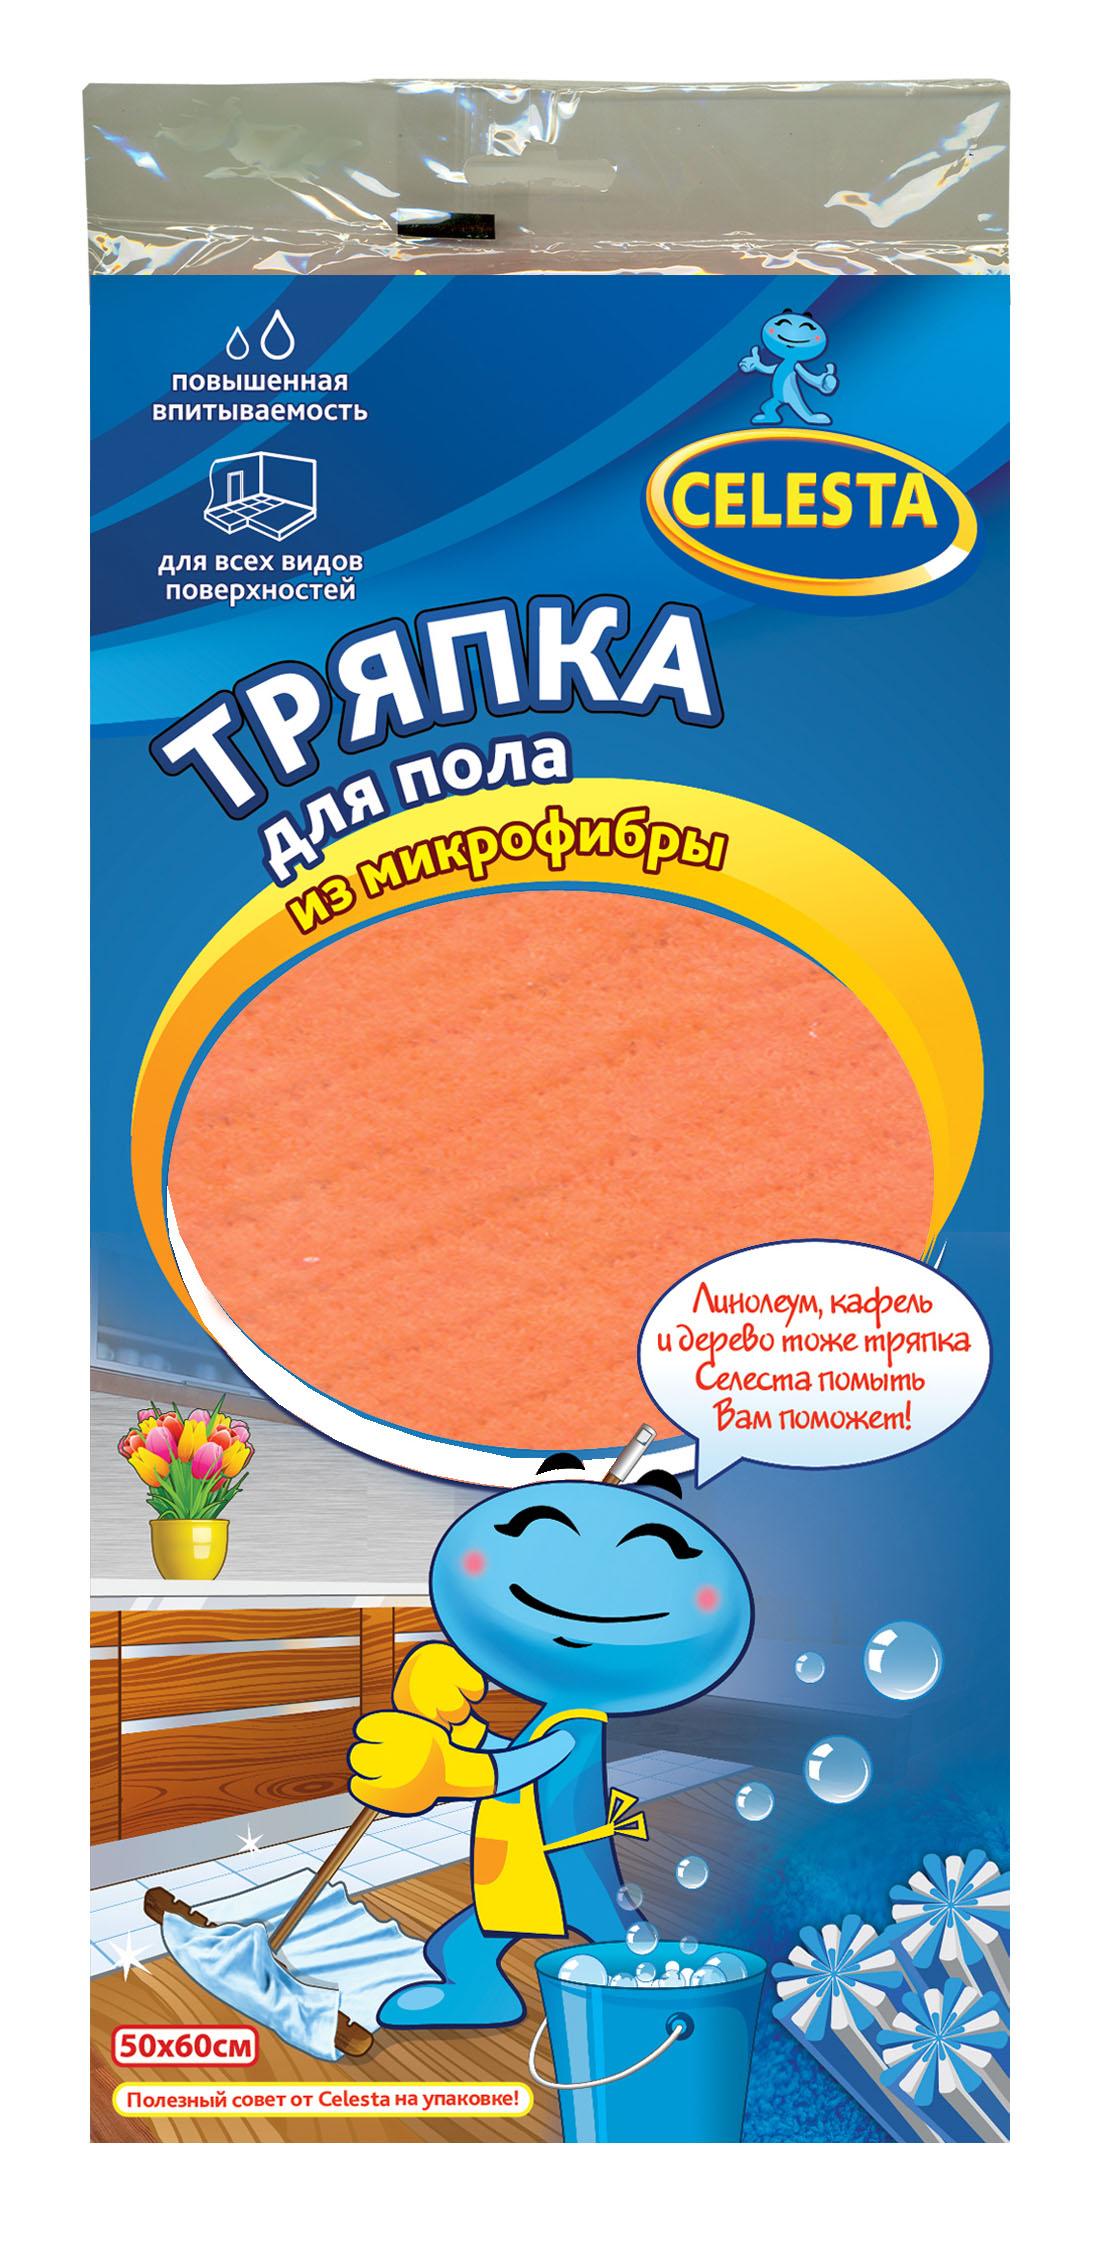 Тряпка для пола Celesta, из микрофибры, цвет: оранжевый, 50 х 60 см100-49000000-60Тряпка из микрофибры Celesta предназначена для мытья любых полов. В сухом виде - для ухода за потолками, стенами, ковровыми покрытиями. Деликатно очищает поверхность, не оставляет разводов, ворсинок.Состав: полиэстер 80%, полиамид 20%.Размер: 50 см х 60 см.